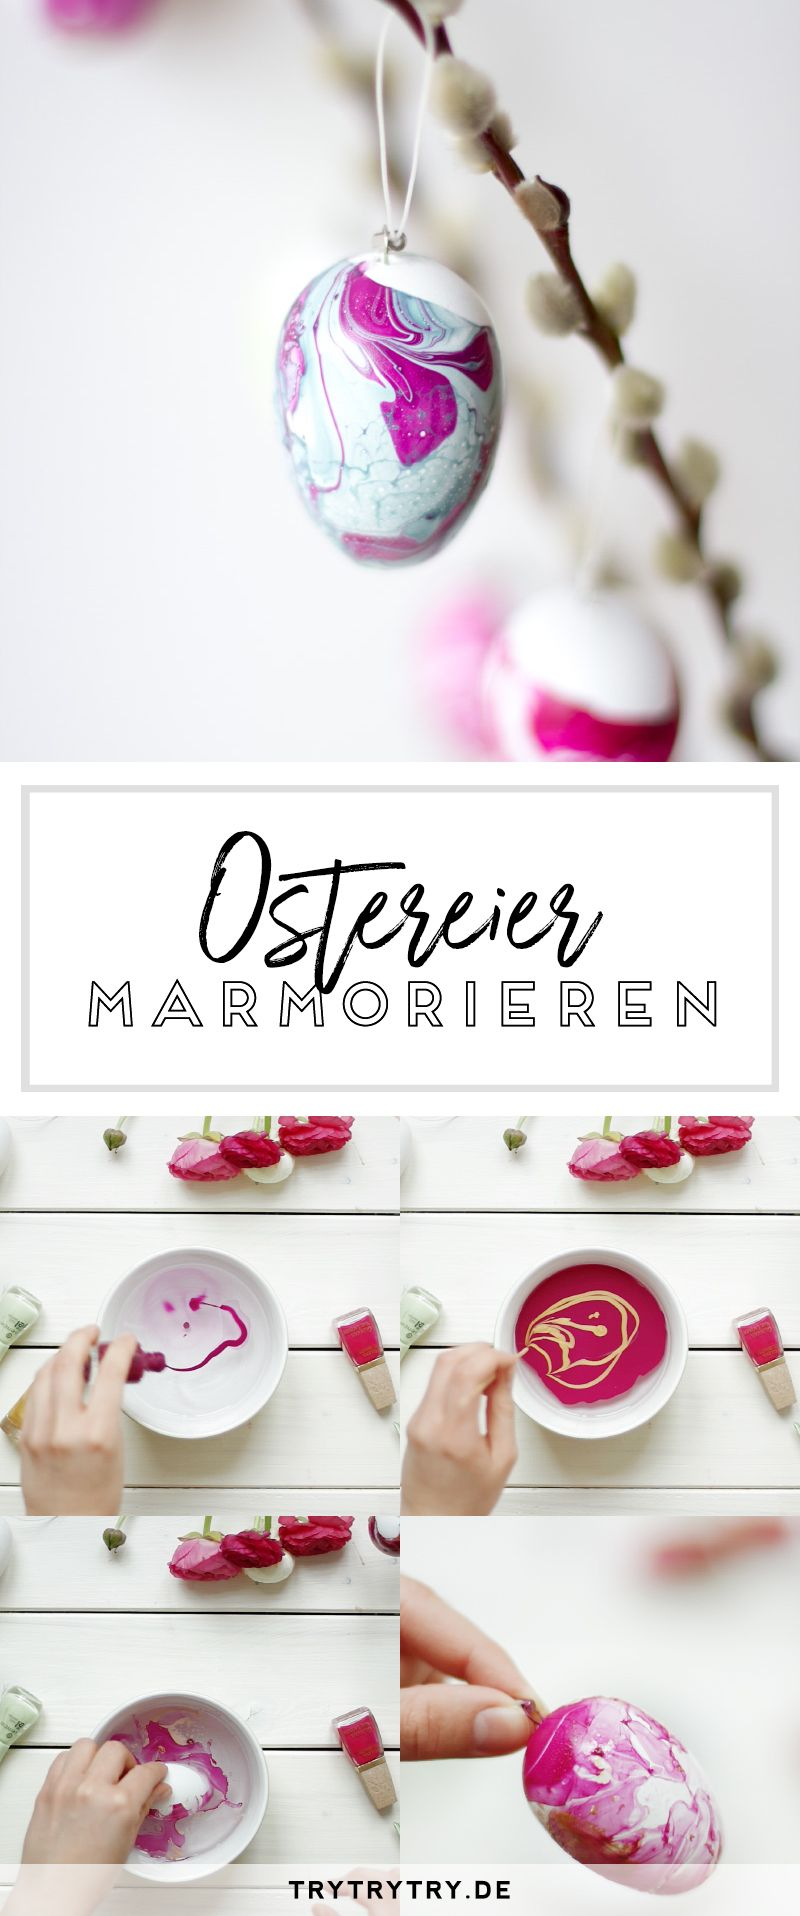 marmorierte ostereier diy geschenke pinterest marmorieren ostereier und ostern. Black Bedroom Furniture Sets. Home Design Ideas